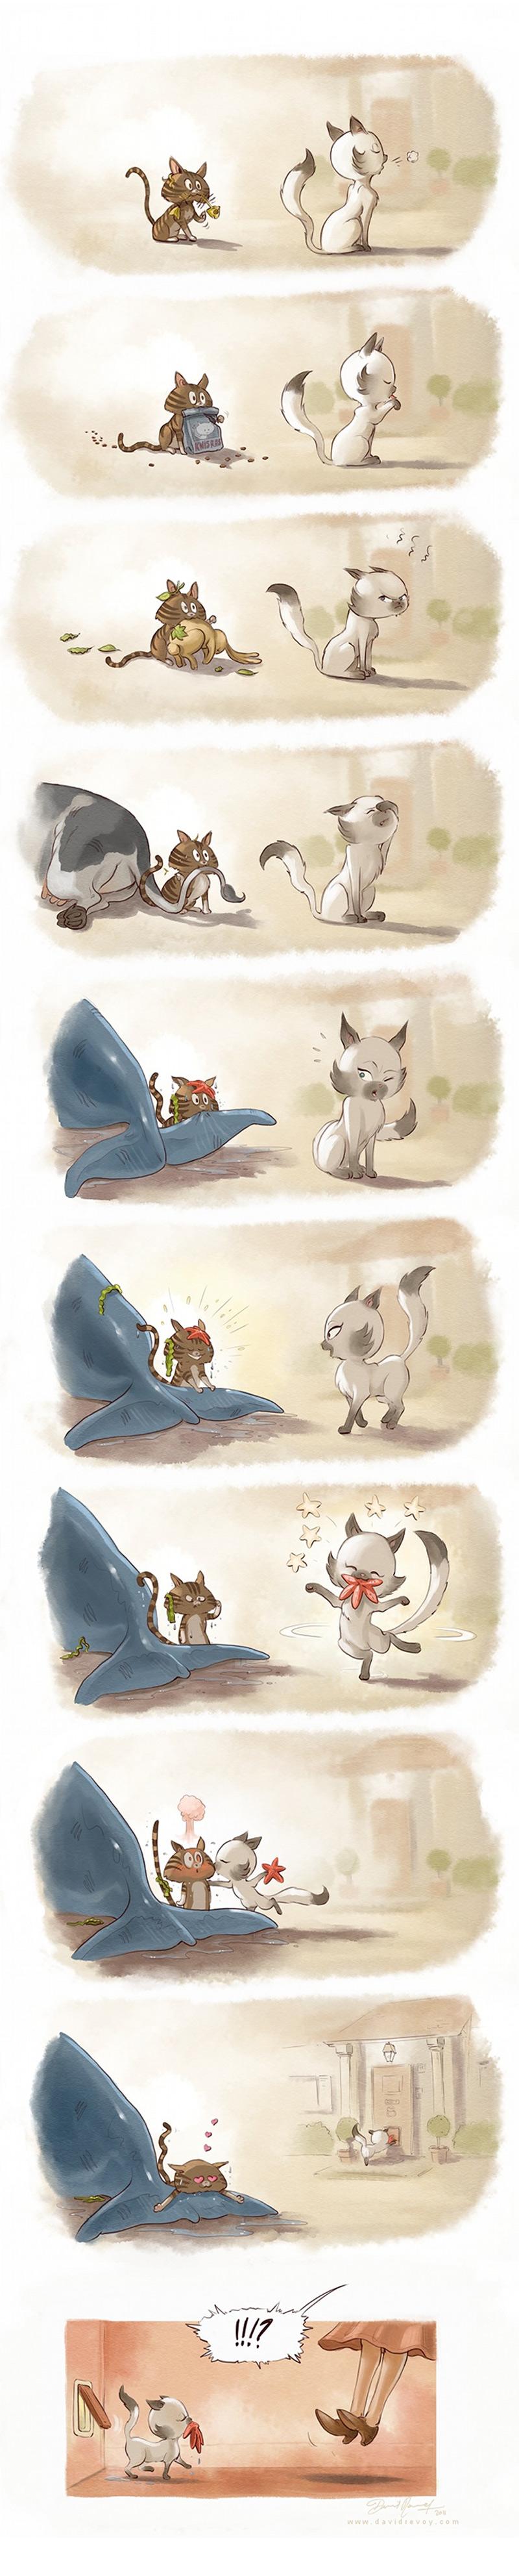 conquistando-uma-gata